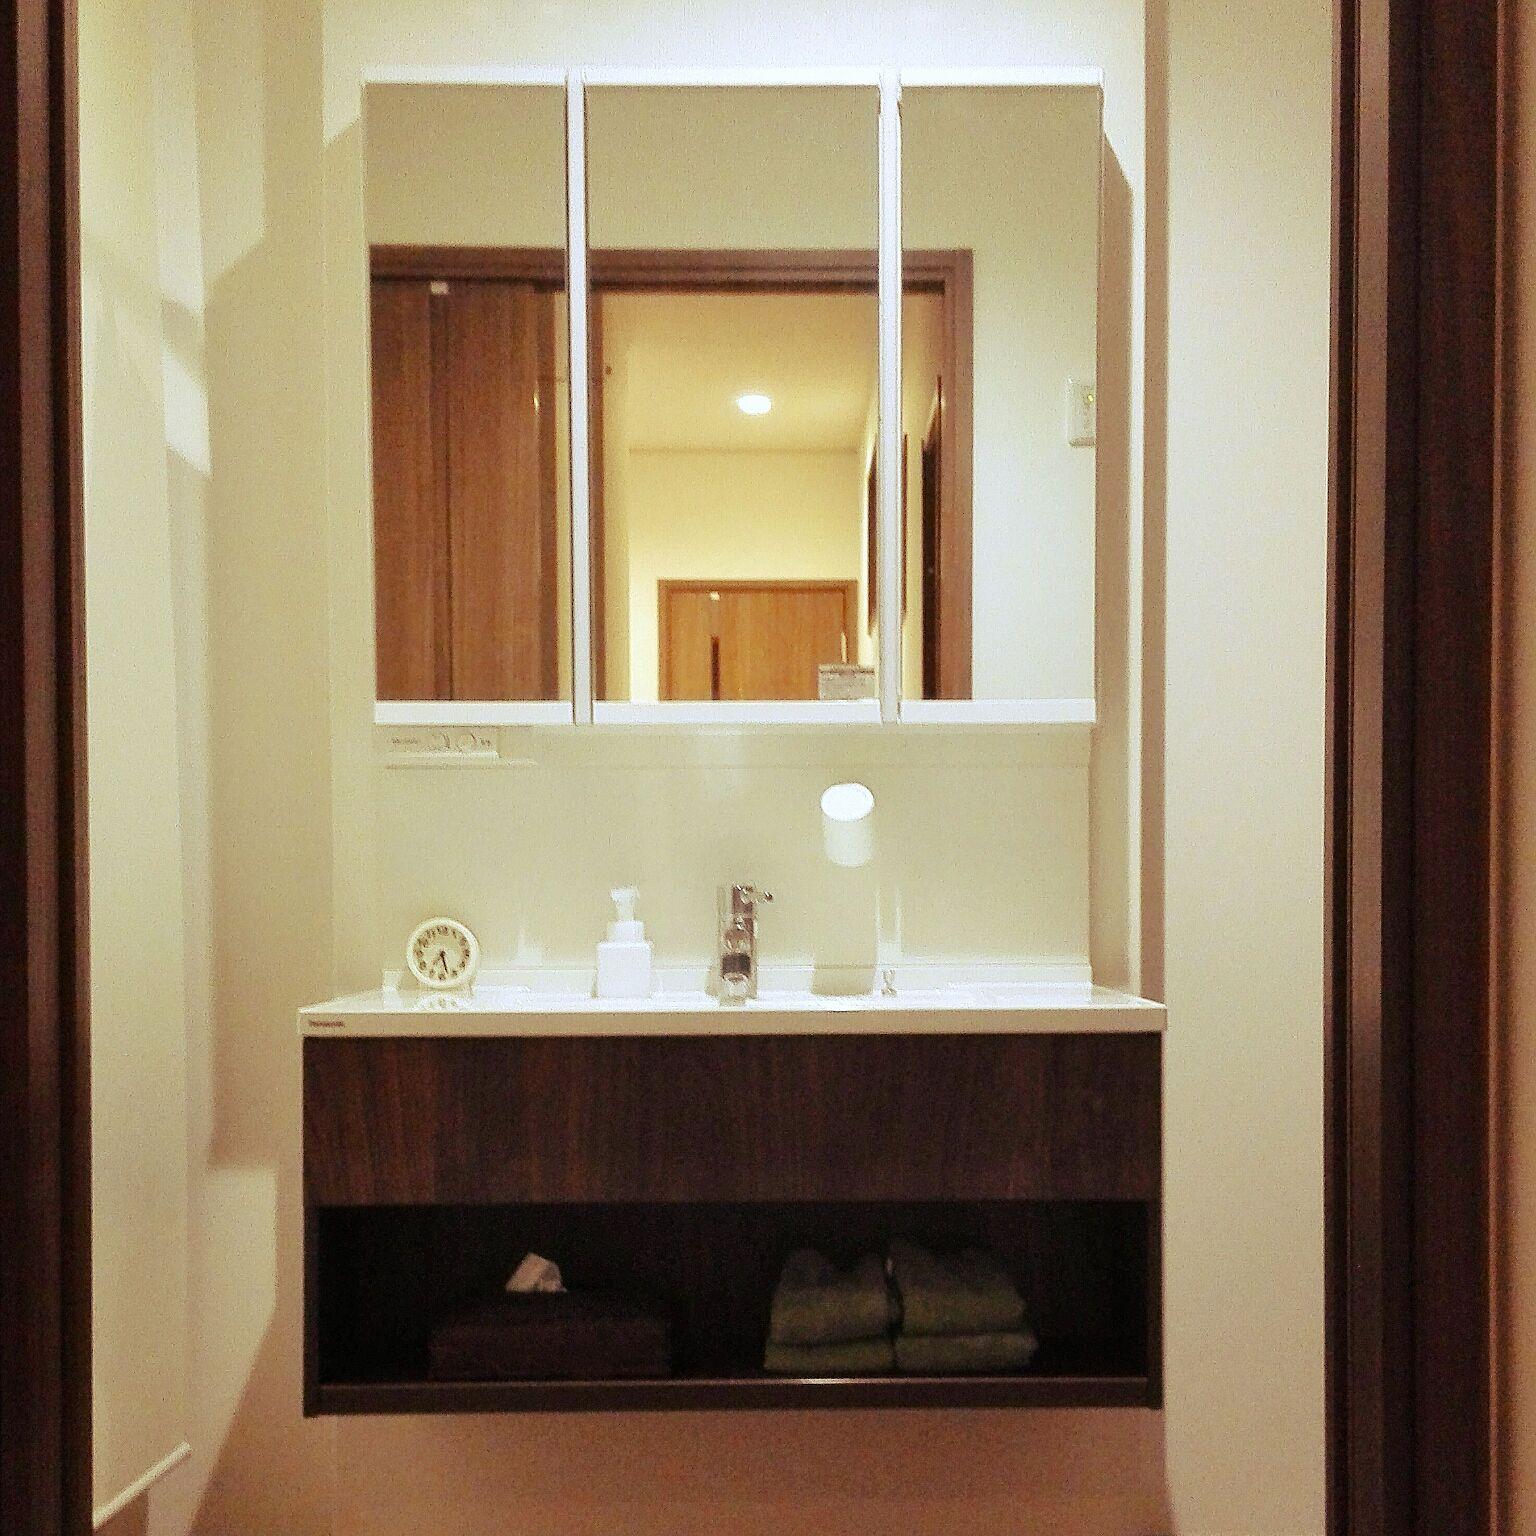 バス トイレ ウォールナット Panasonic洗面台 シーライン 洗面所 などのインテリア実例 2017 11 29 19 52 16 Roomclip ルームクリップ 洗面所 洗面台 インテリア 実例